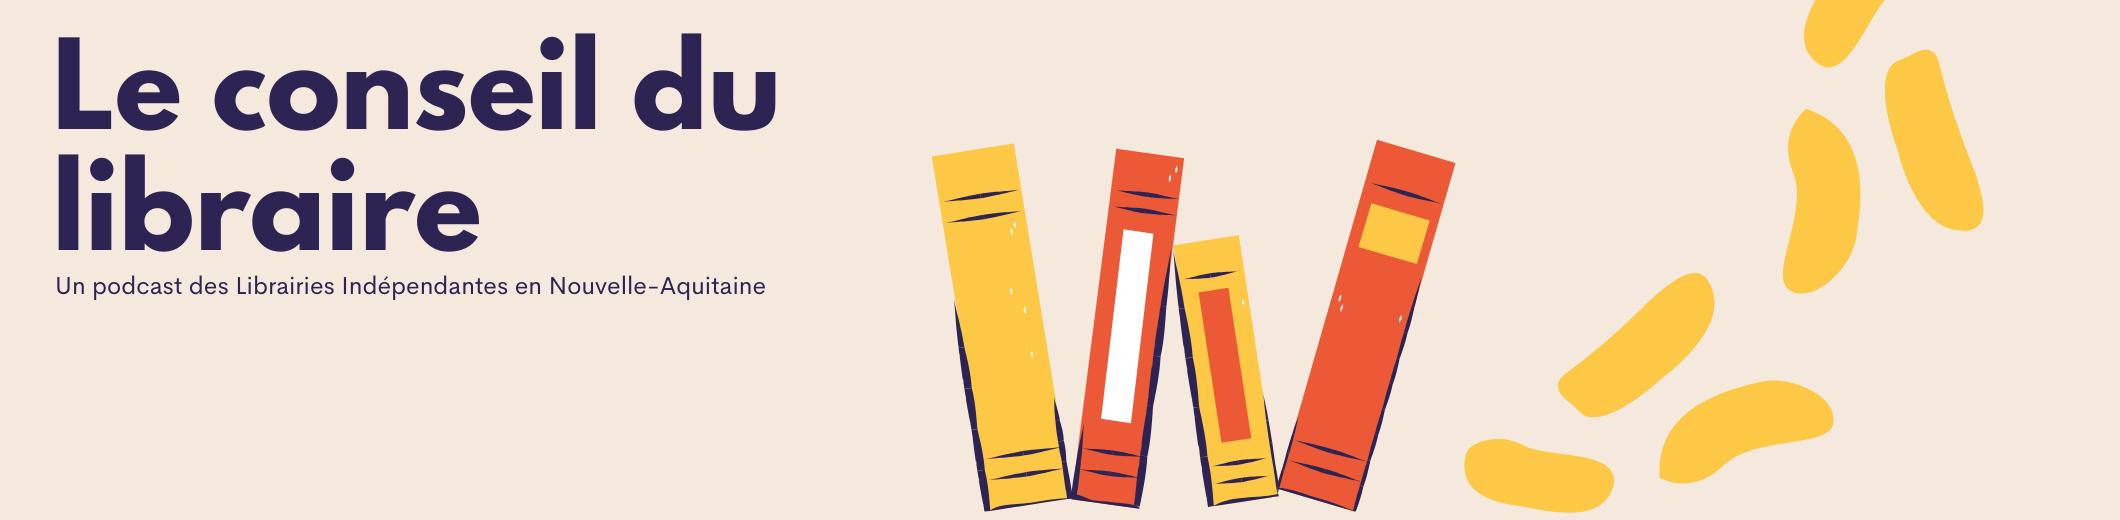 Le conseil du libraire